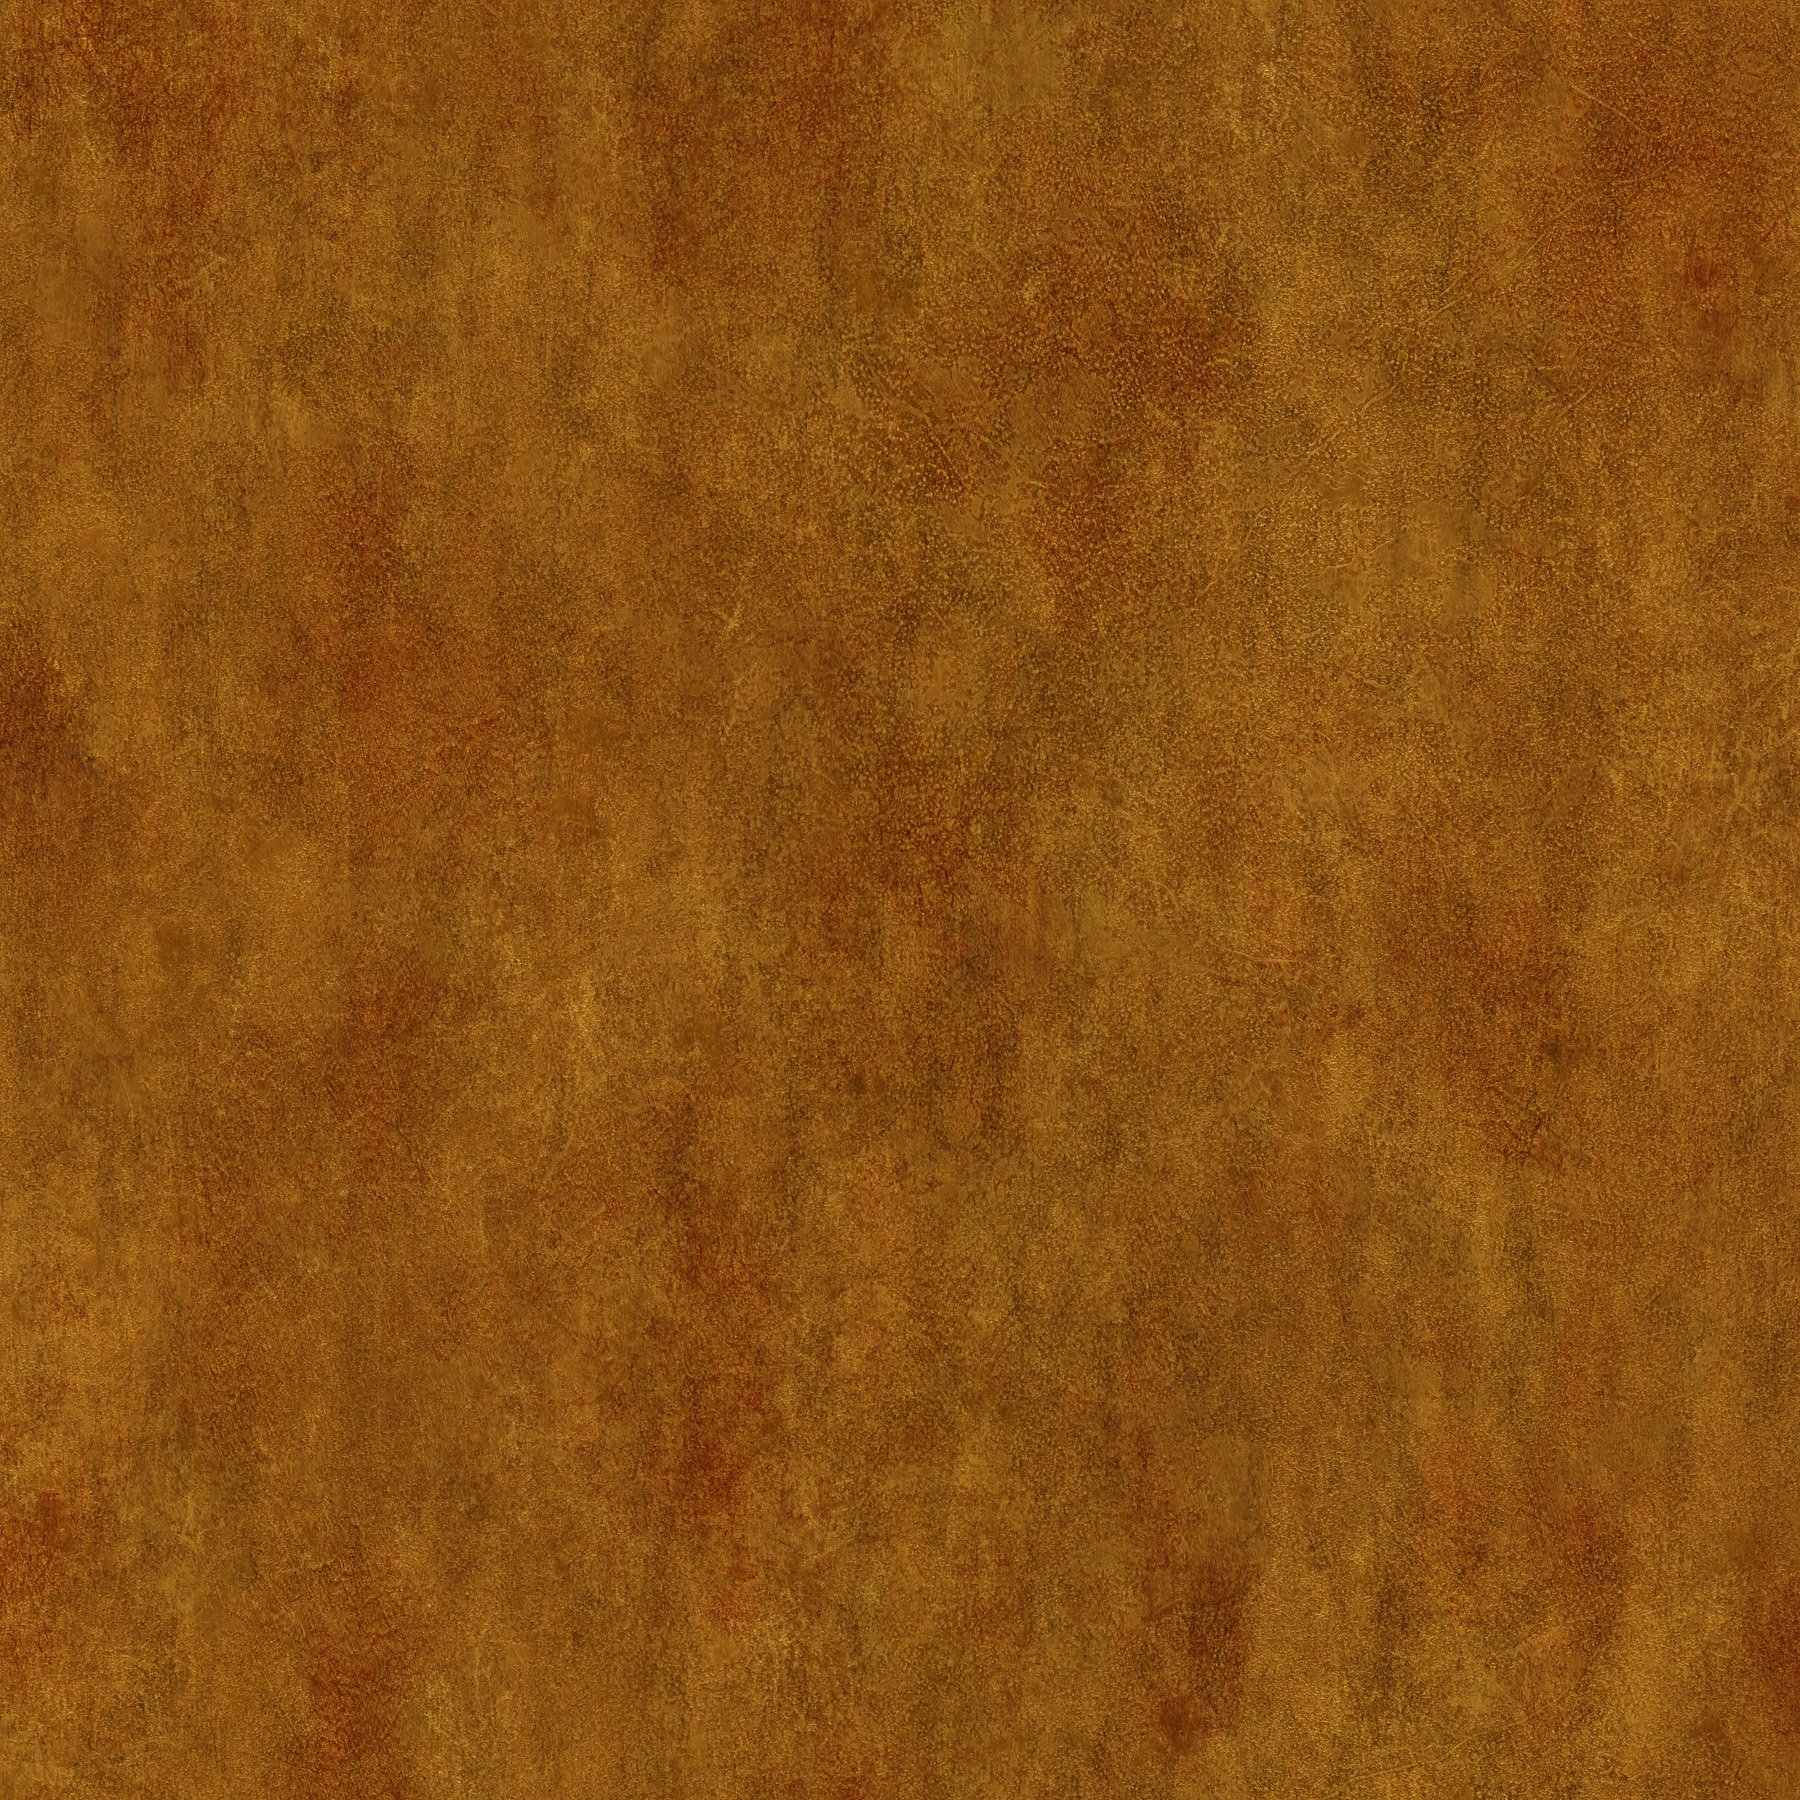 Brewster 412-54239 20.5-Inch by 396-Inch Raised Textured Depth Wallpaper, Bronze